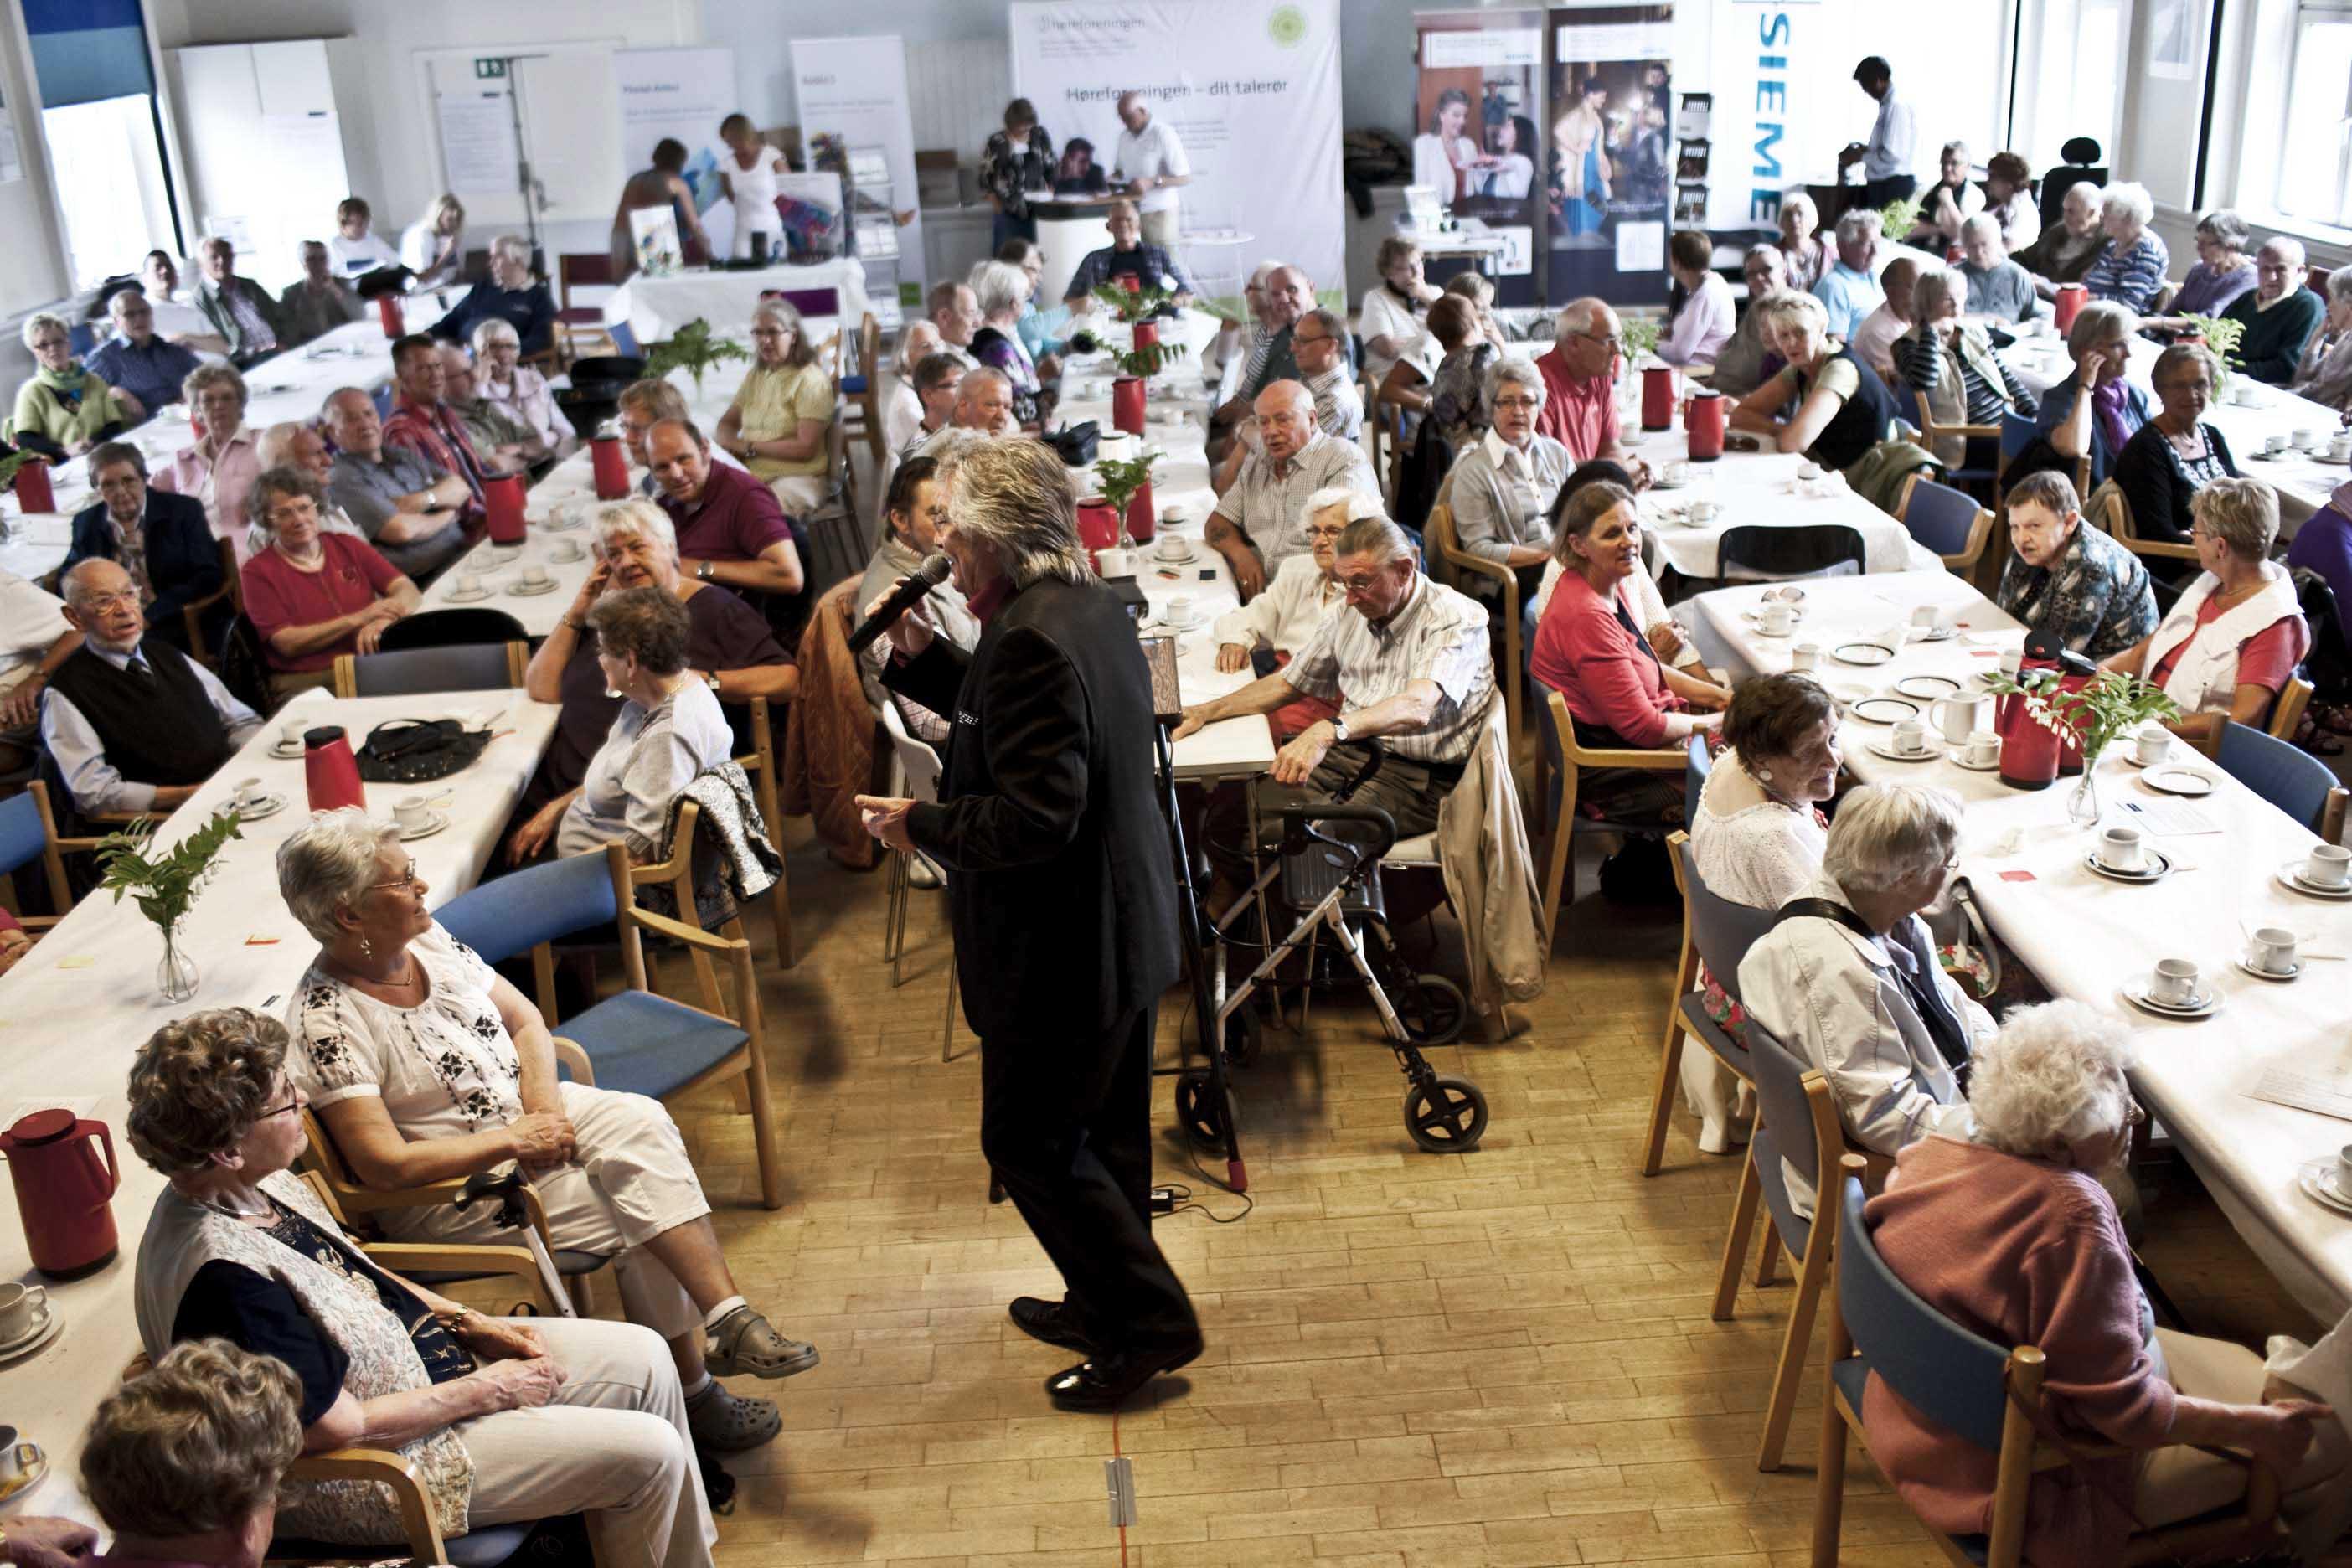 Hørekoncert med Ragnvald en stor succes